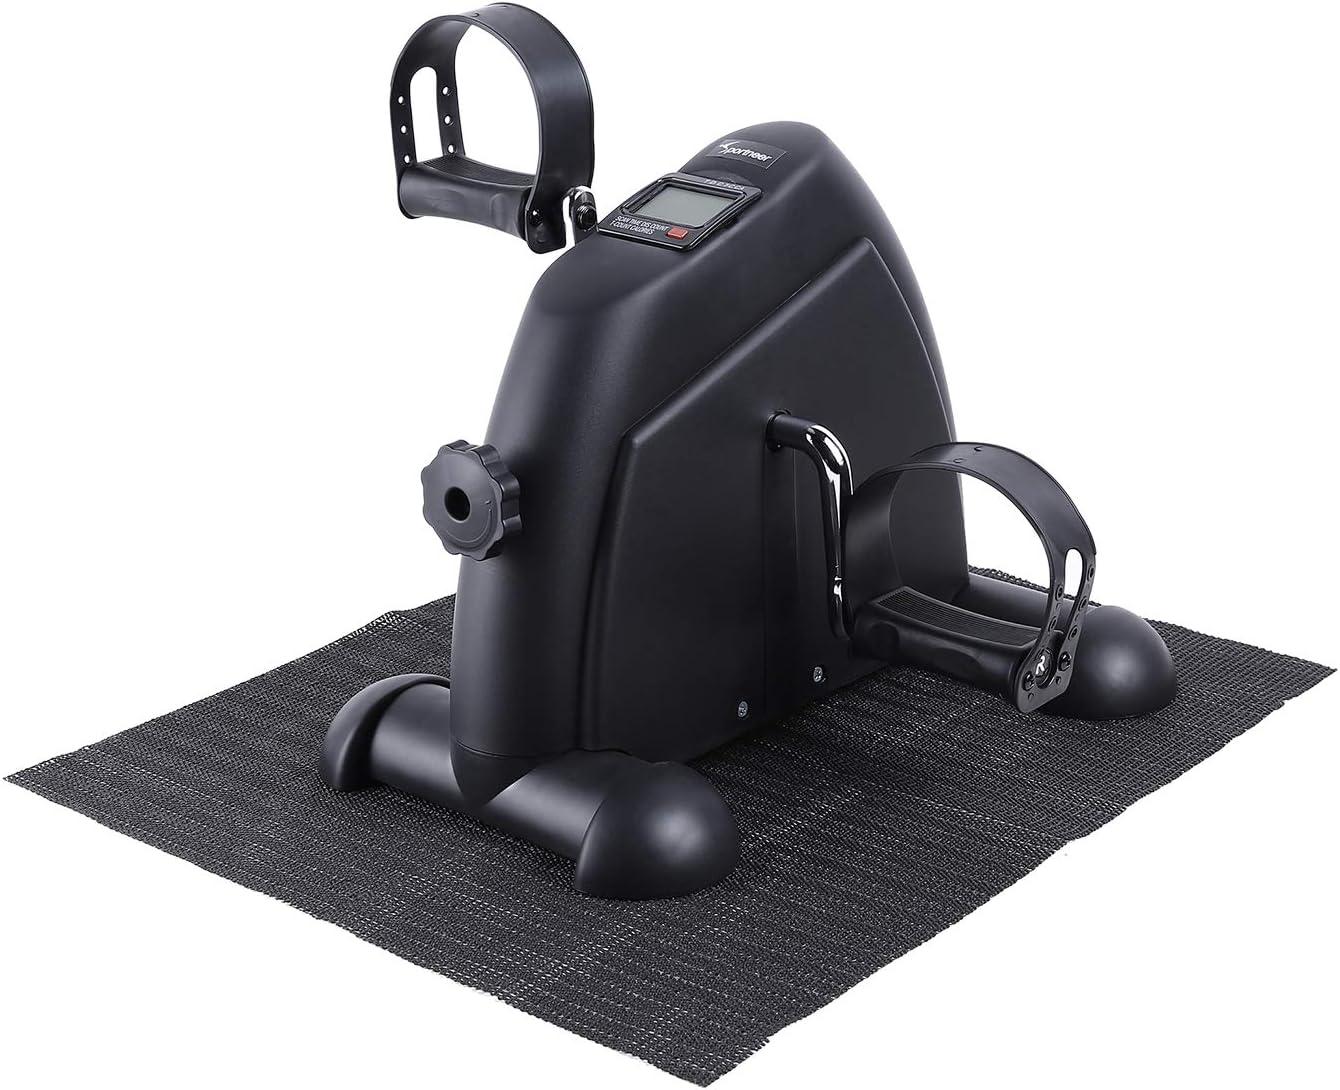 Sportneer Under Desk Bike Mini bicicleta de ejercicios de ciclo de pedal portátil con monitor digital y alfombra antideslizante, resistencia ajustable, Negro